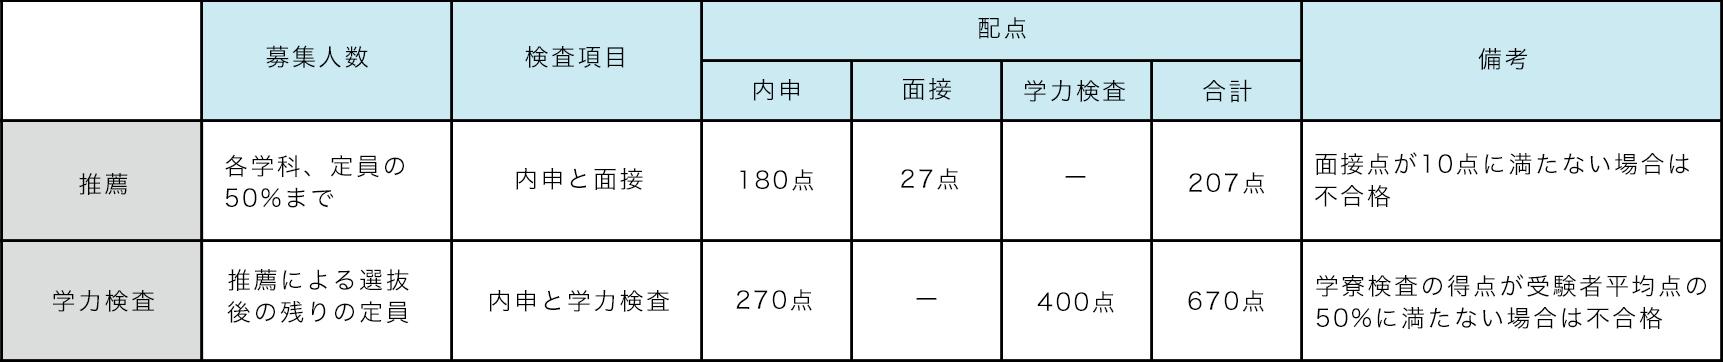 倍率 公立 2021 県 高校 岐阜